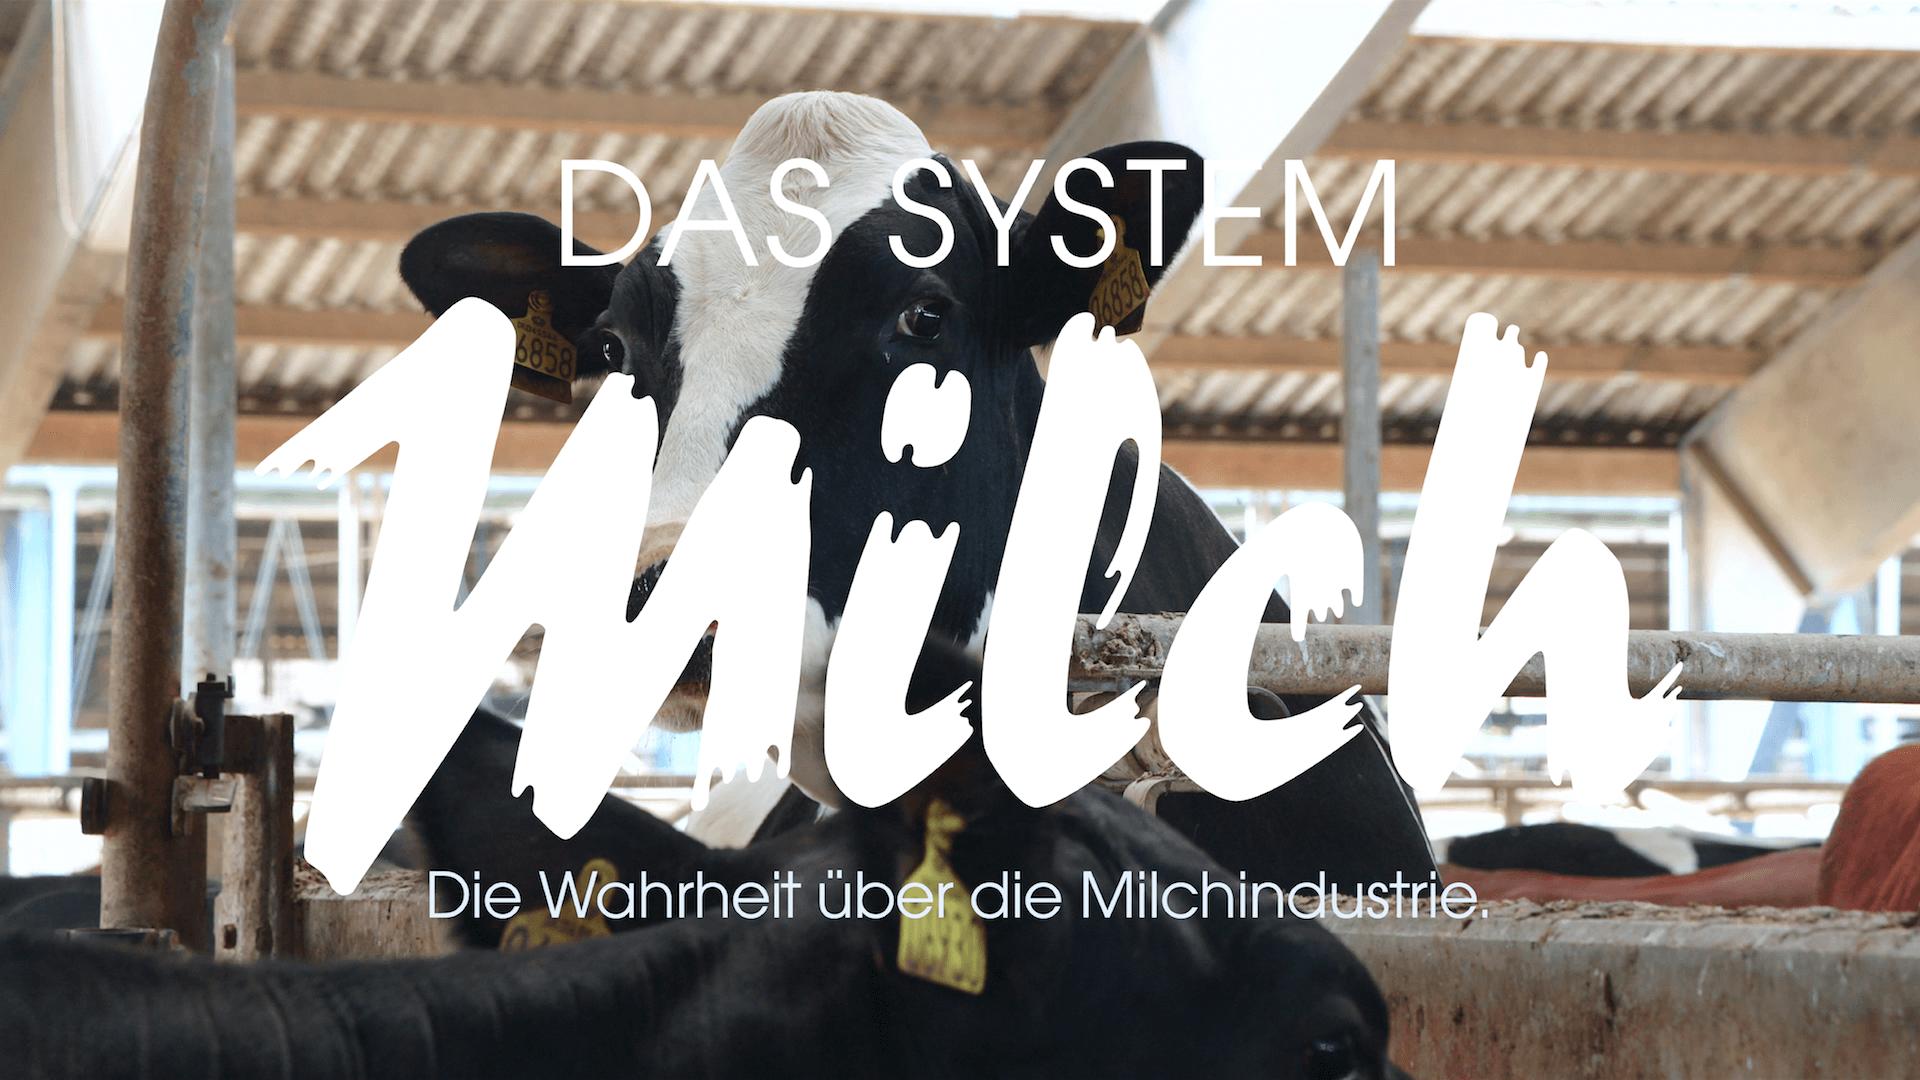 Das System Milch Bild7 edit